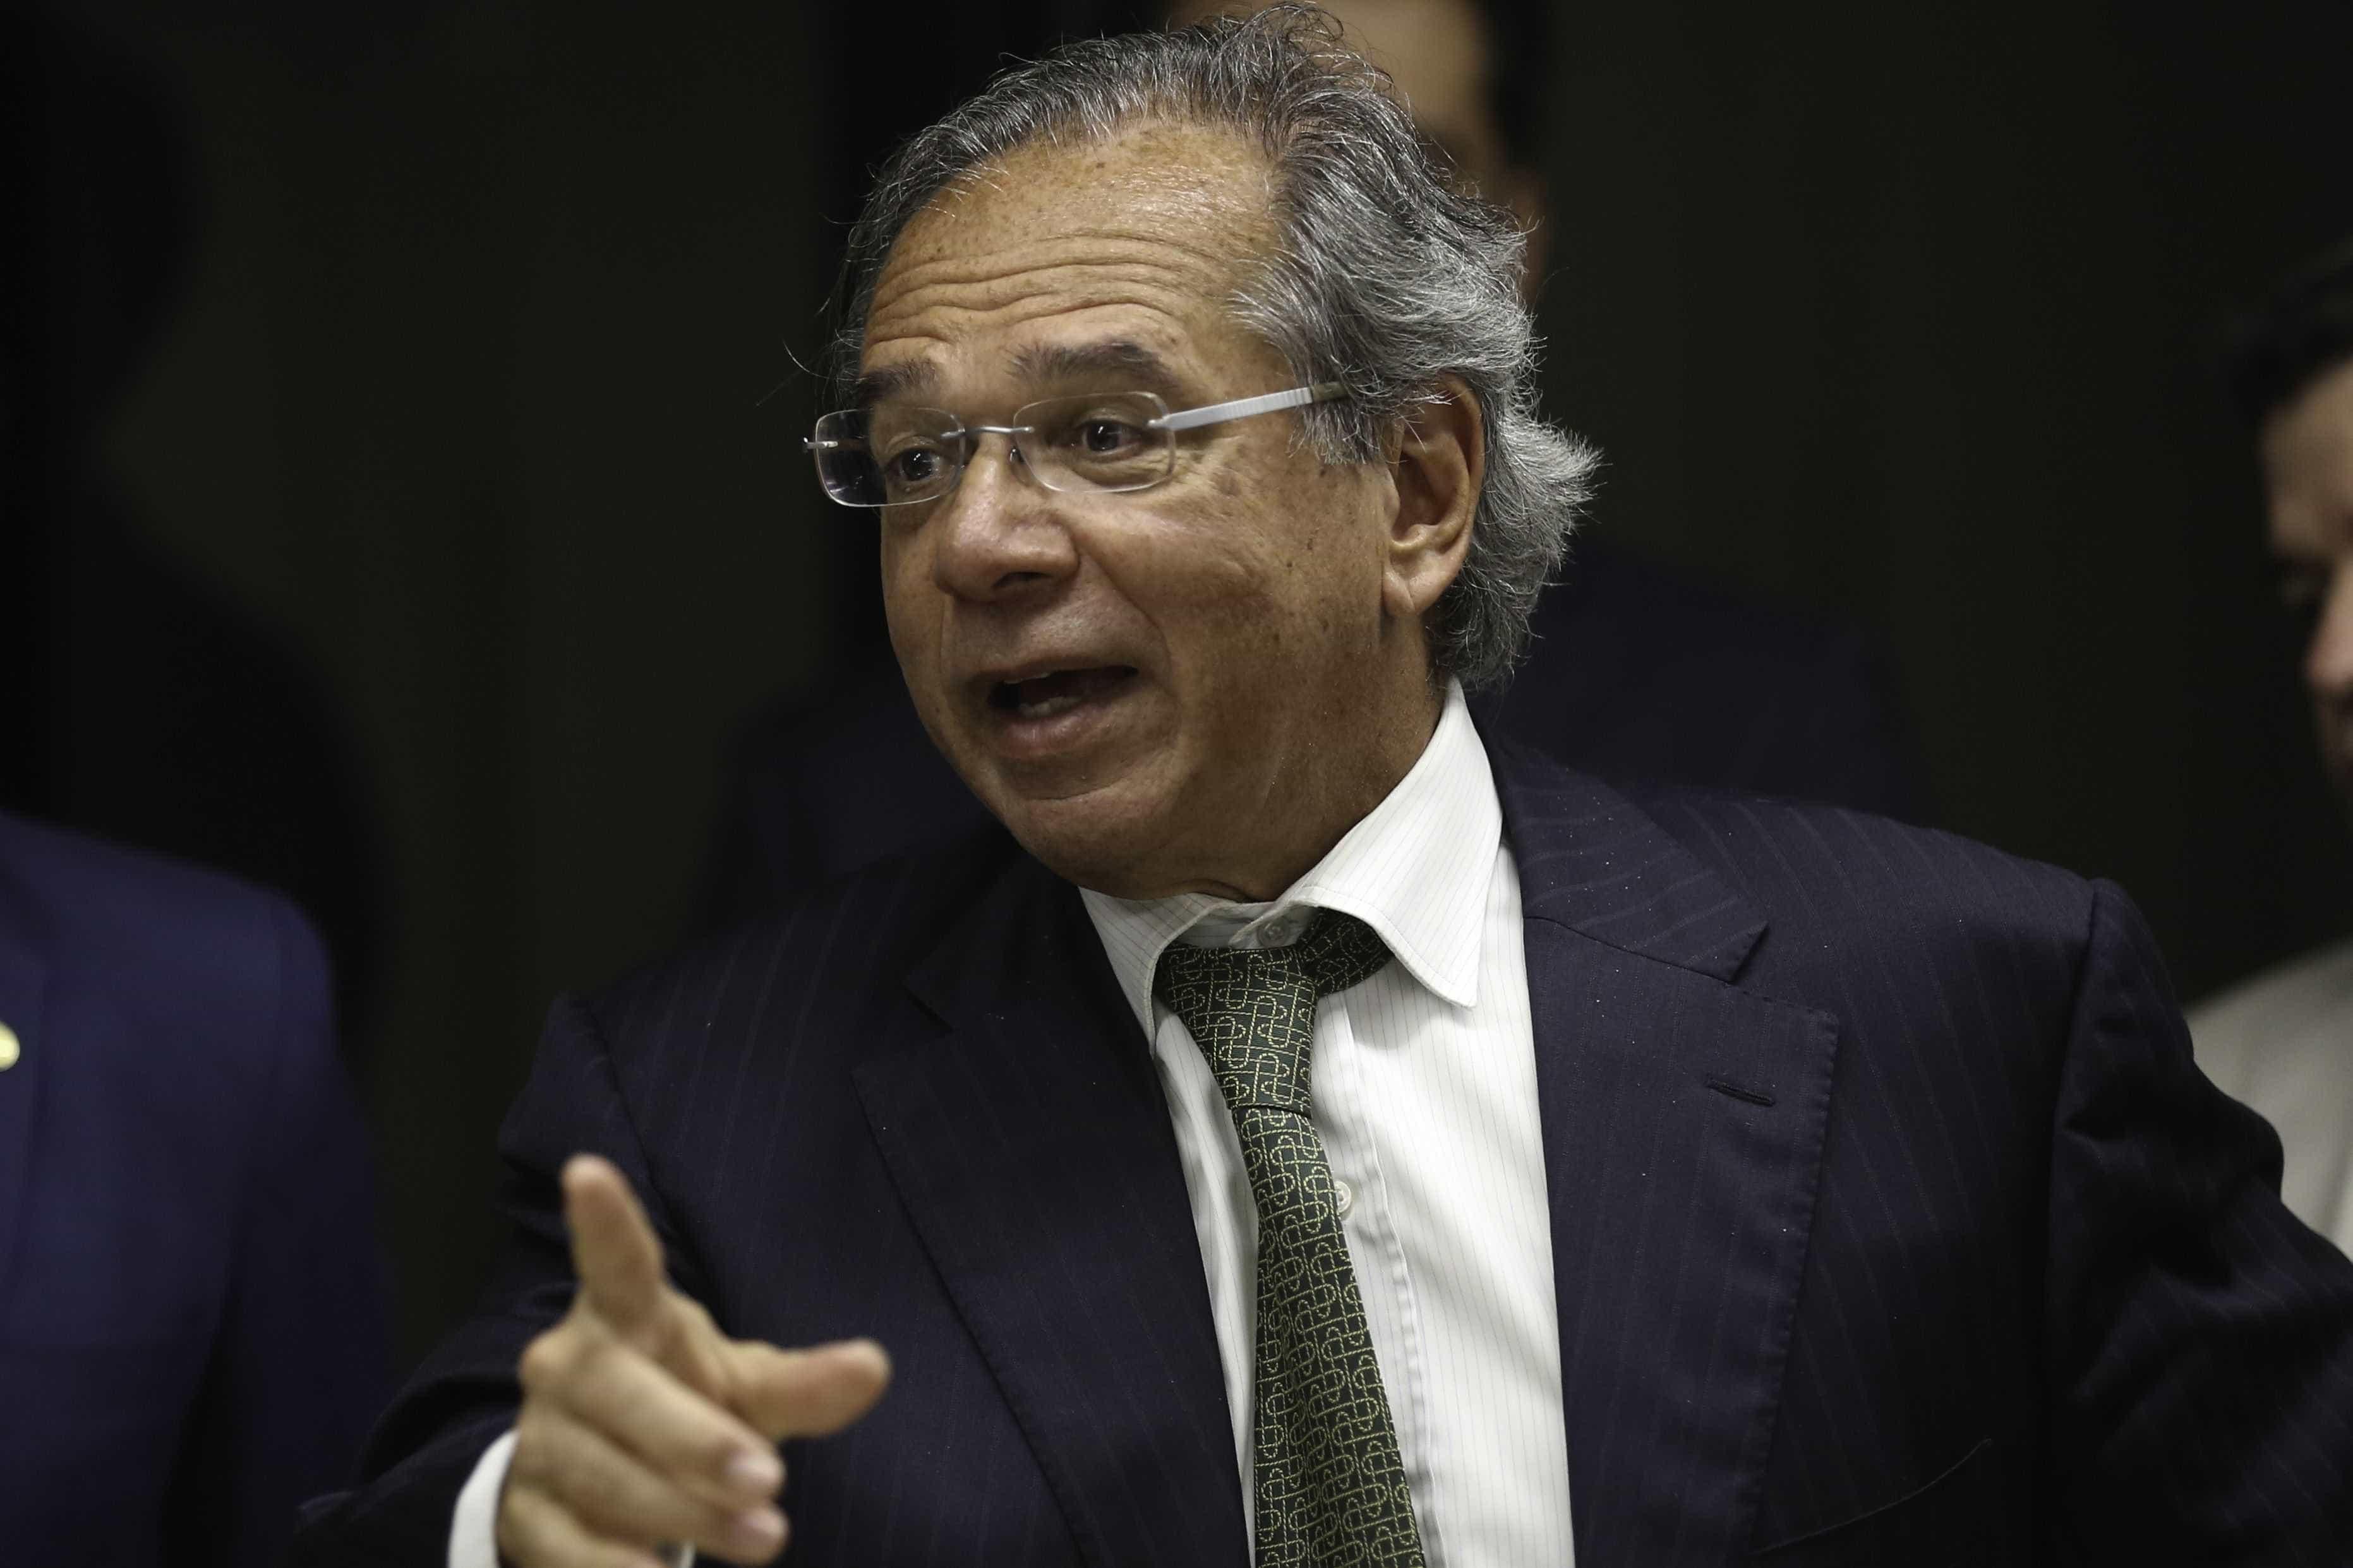 Todo jogo tem pênalti roubado no Itaquerão, diz ministro da Economia